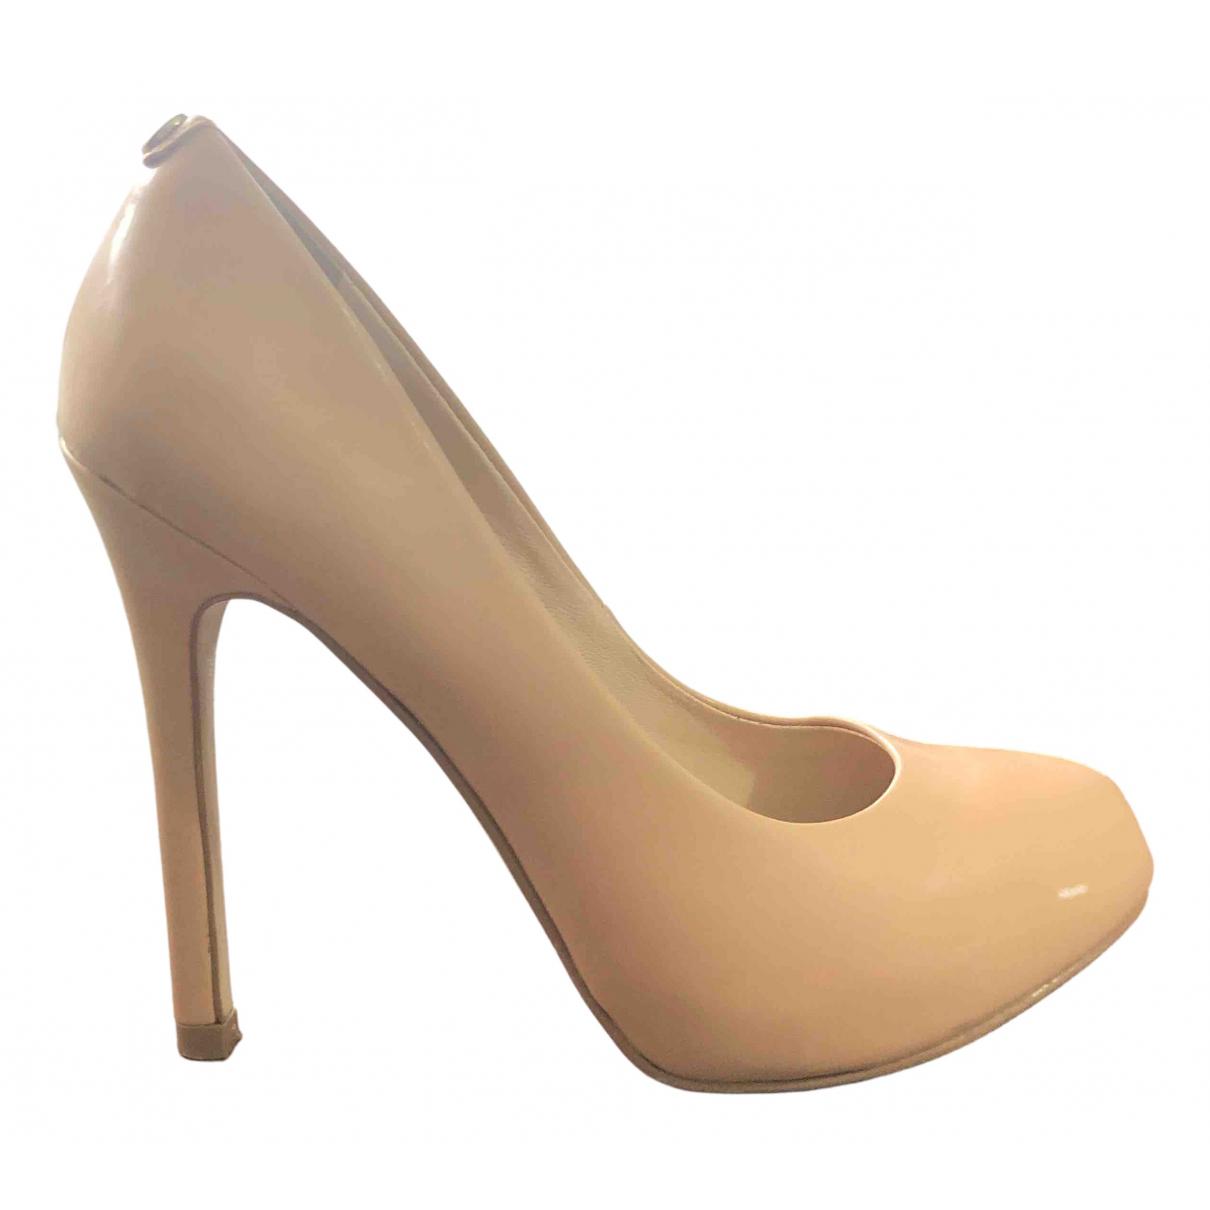 Guess N Beige Leather Heels for Women 35 EU